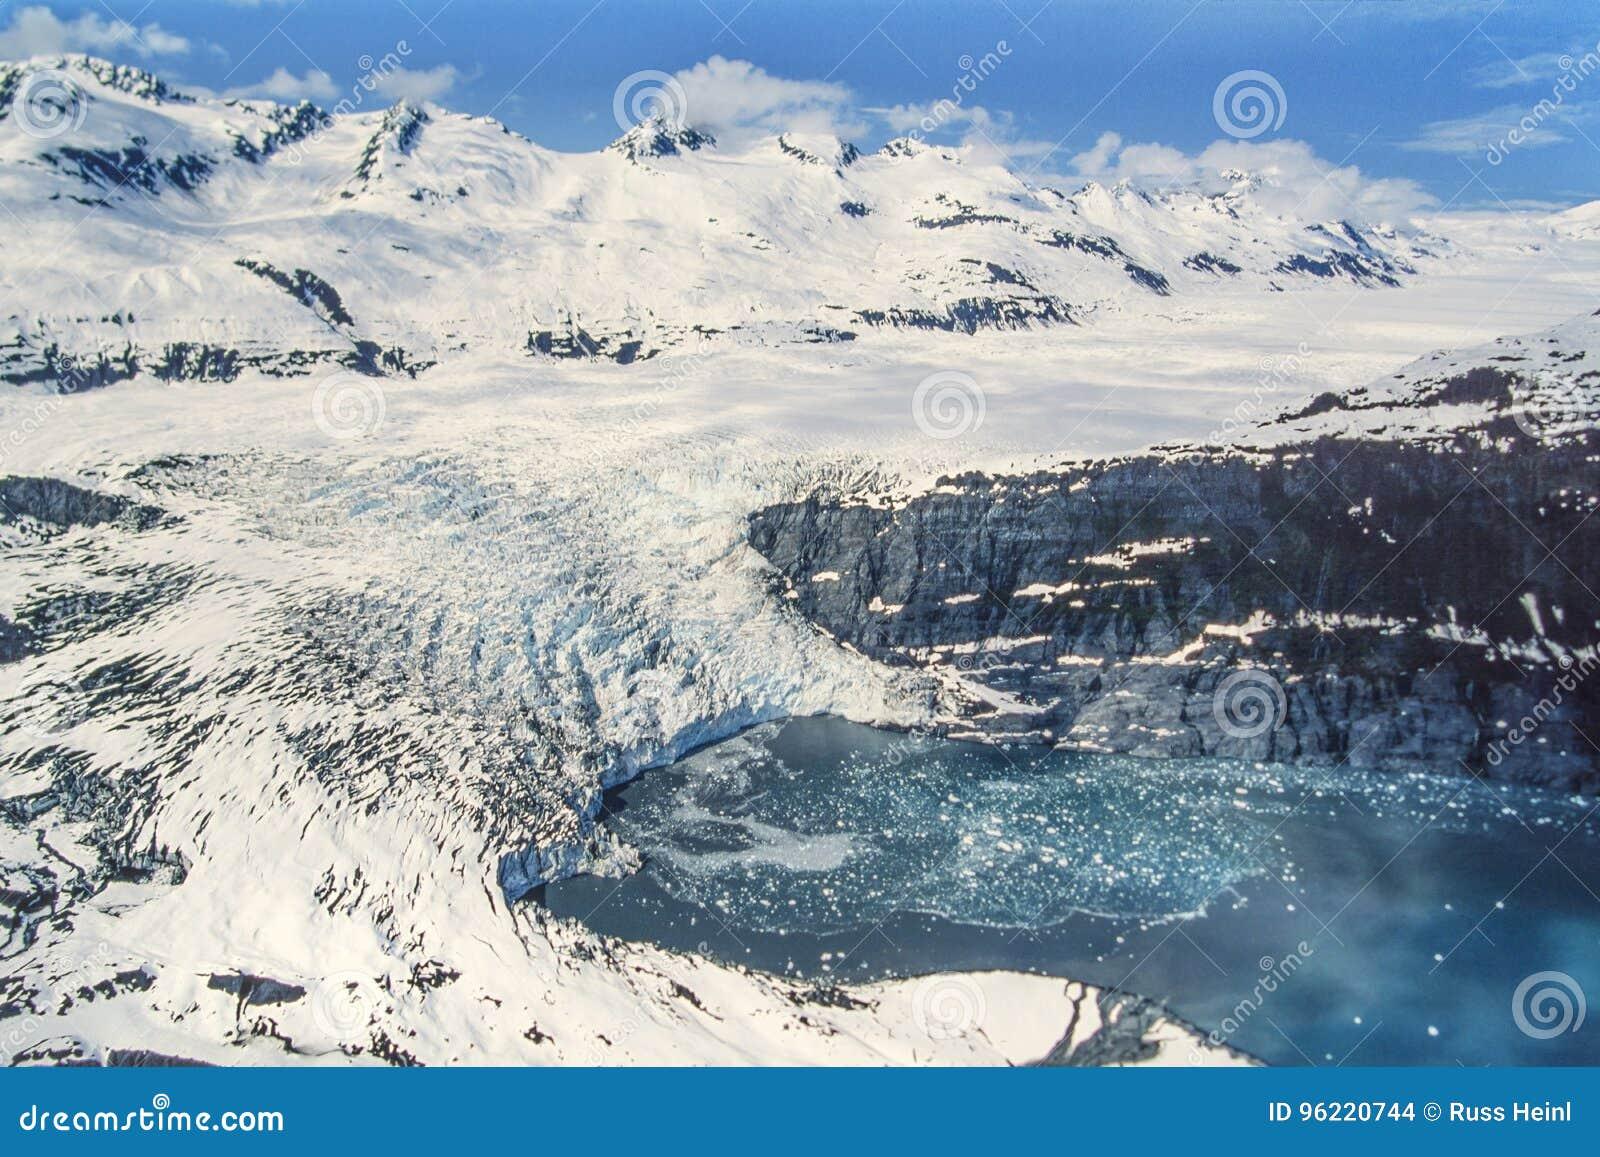 Luftfoto von Gletscher Alaskas Shoup